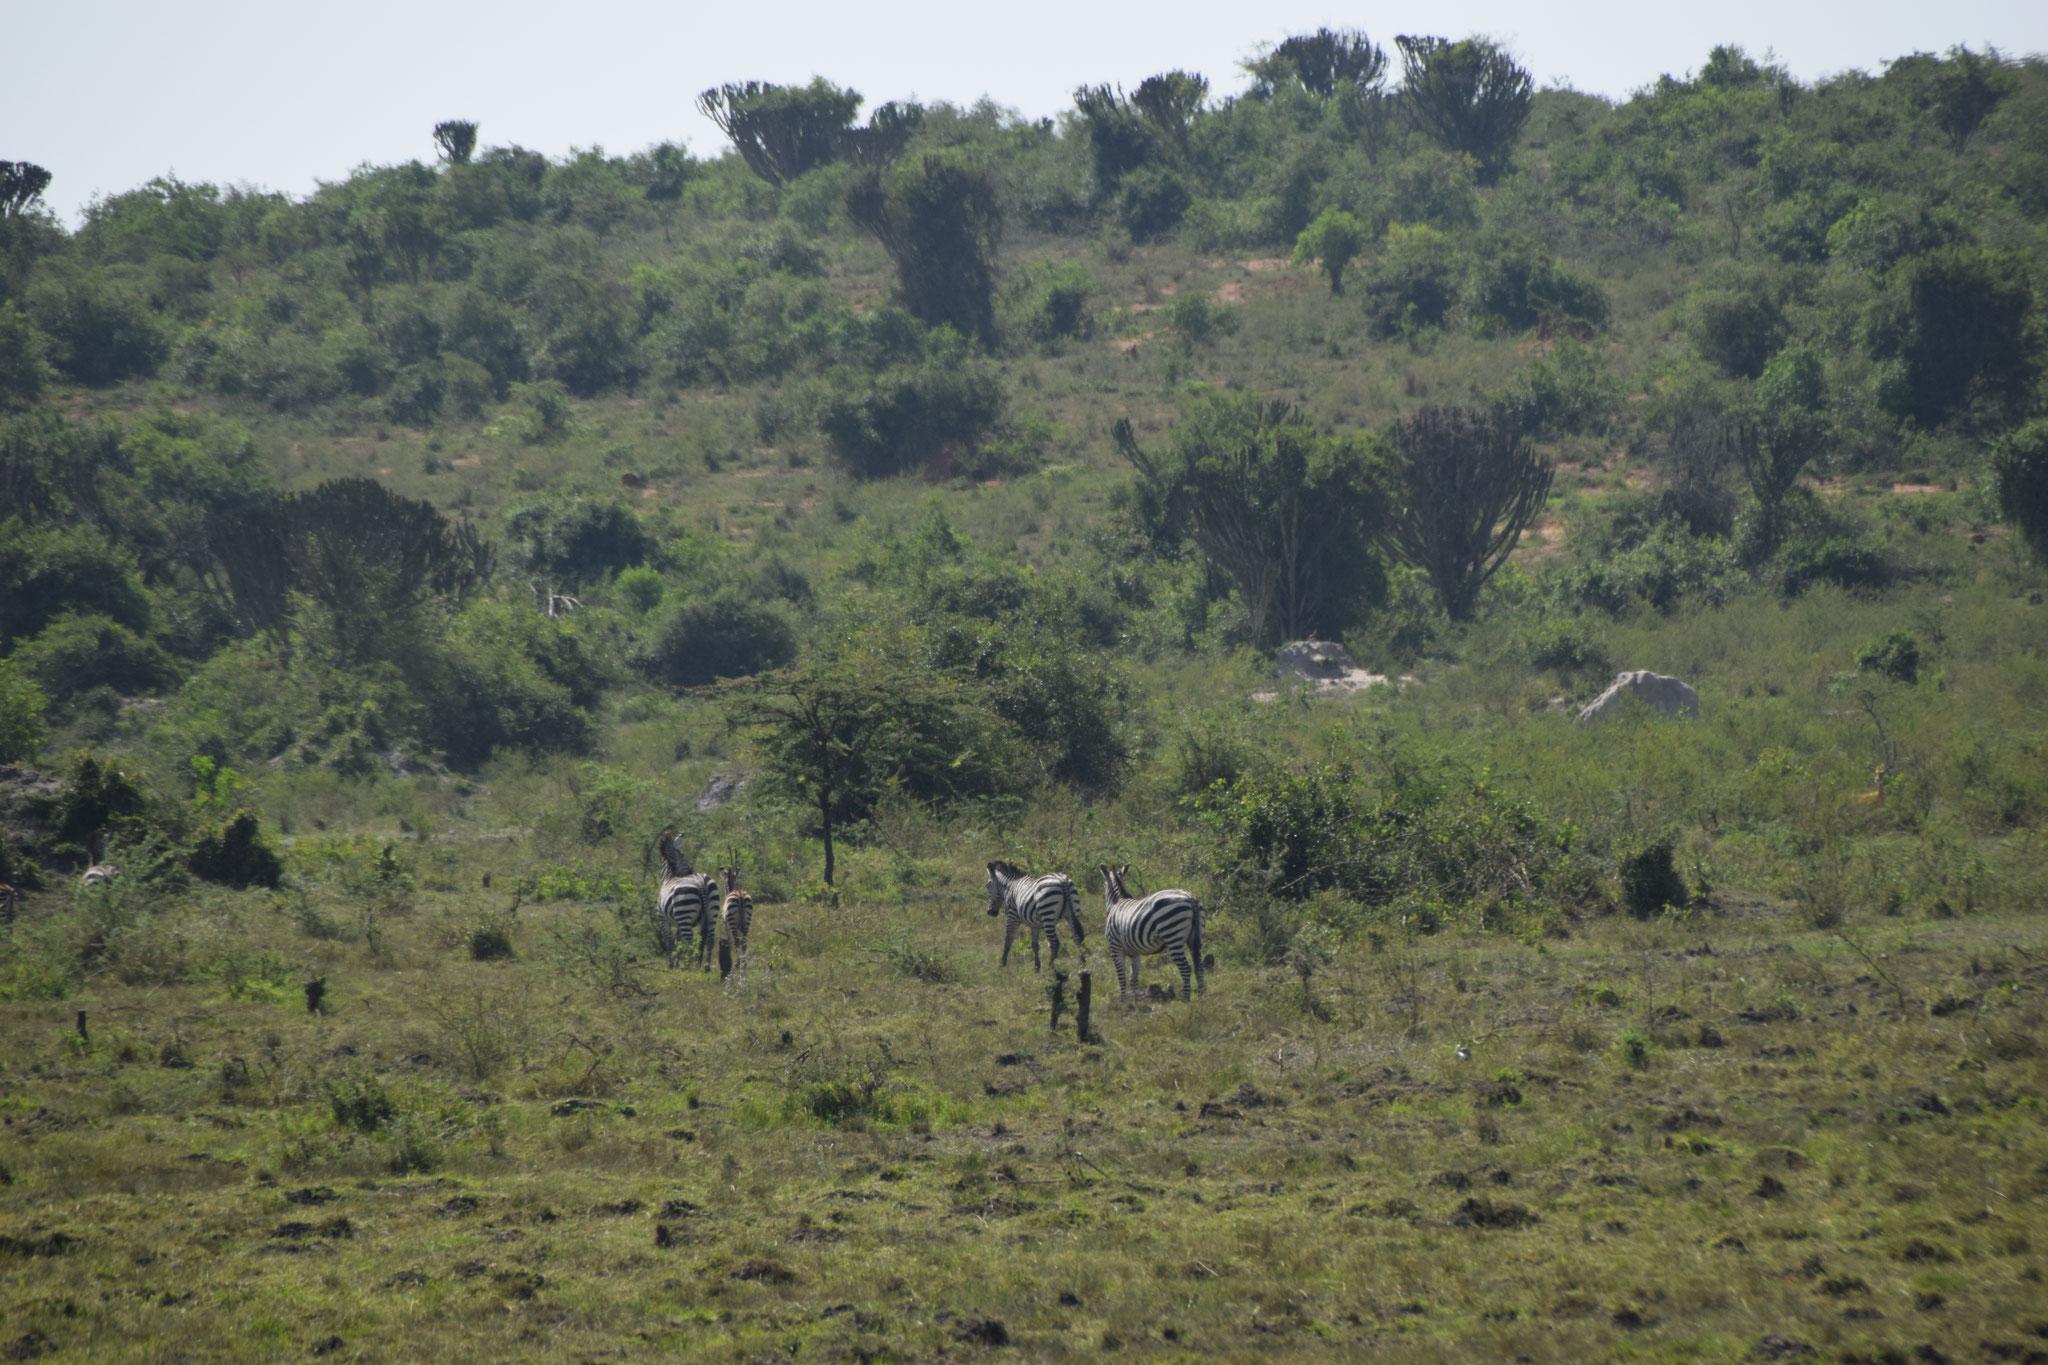 Zebras auf dem Weg nach Isingiro gefunden